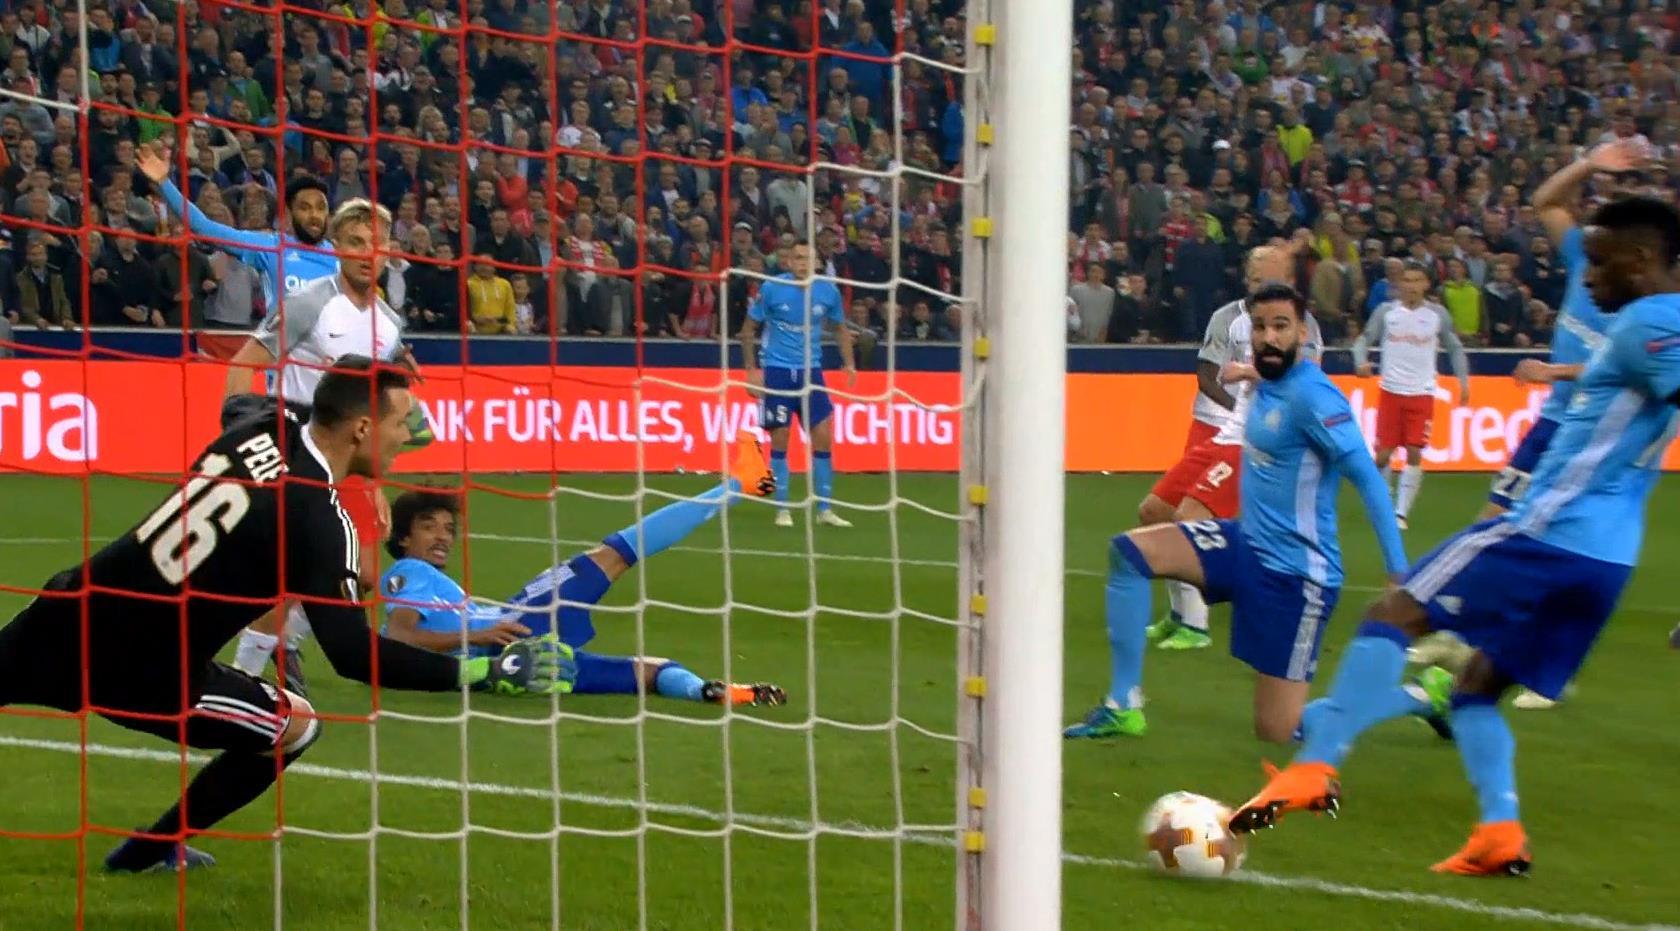 Марсель – Лацио прогноз на матч Лиги Европы 25 октября